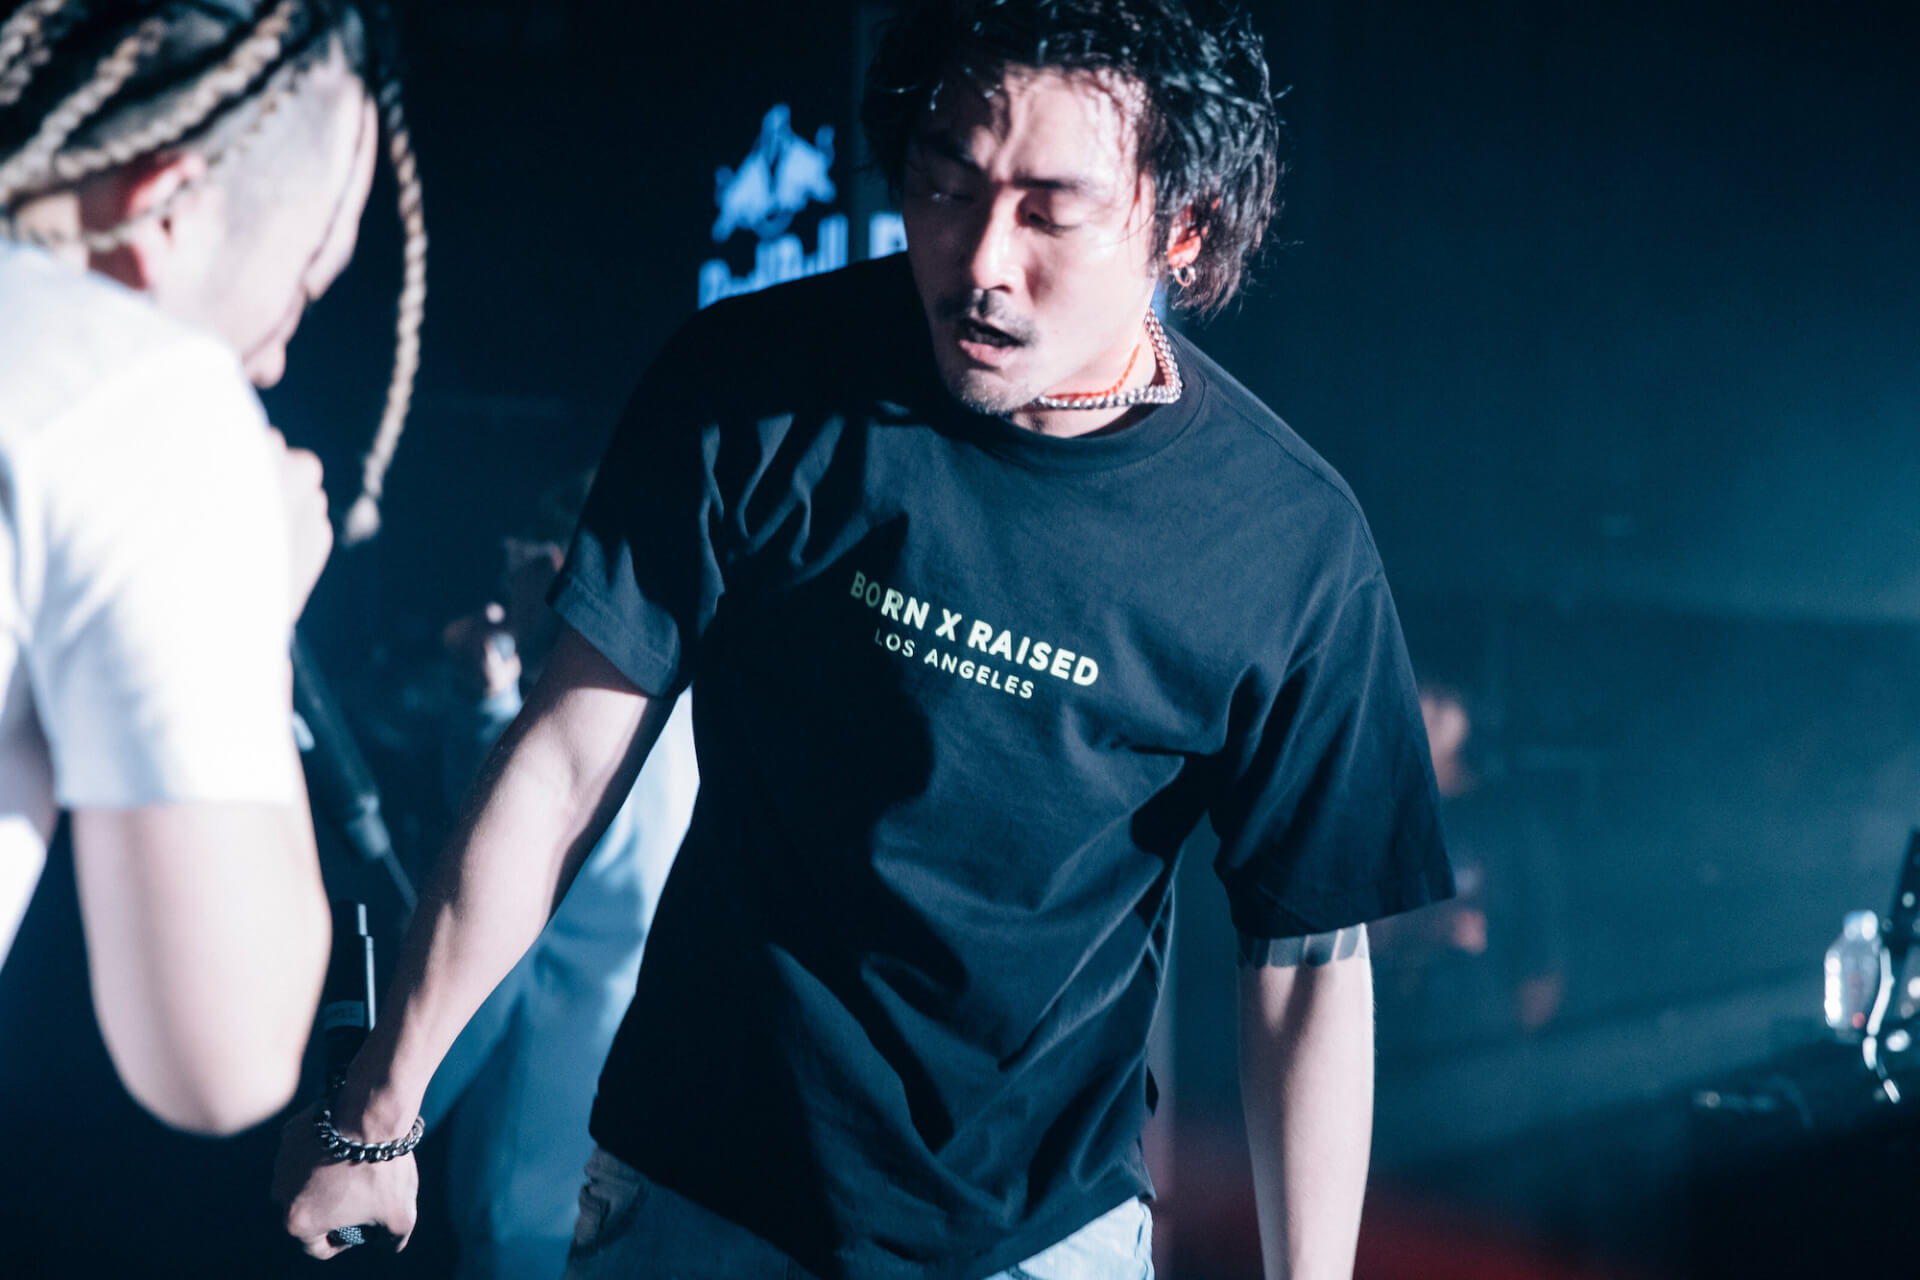 【レポート】RED BULL MUSIC FESTIVAL TOKYO AND 88RISING PRESENT:JAPAN RISING music190412-red-bull-music-festival-tokyo-2019-japan-rising-51